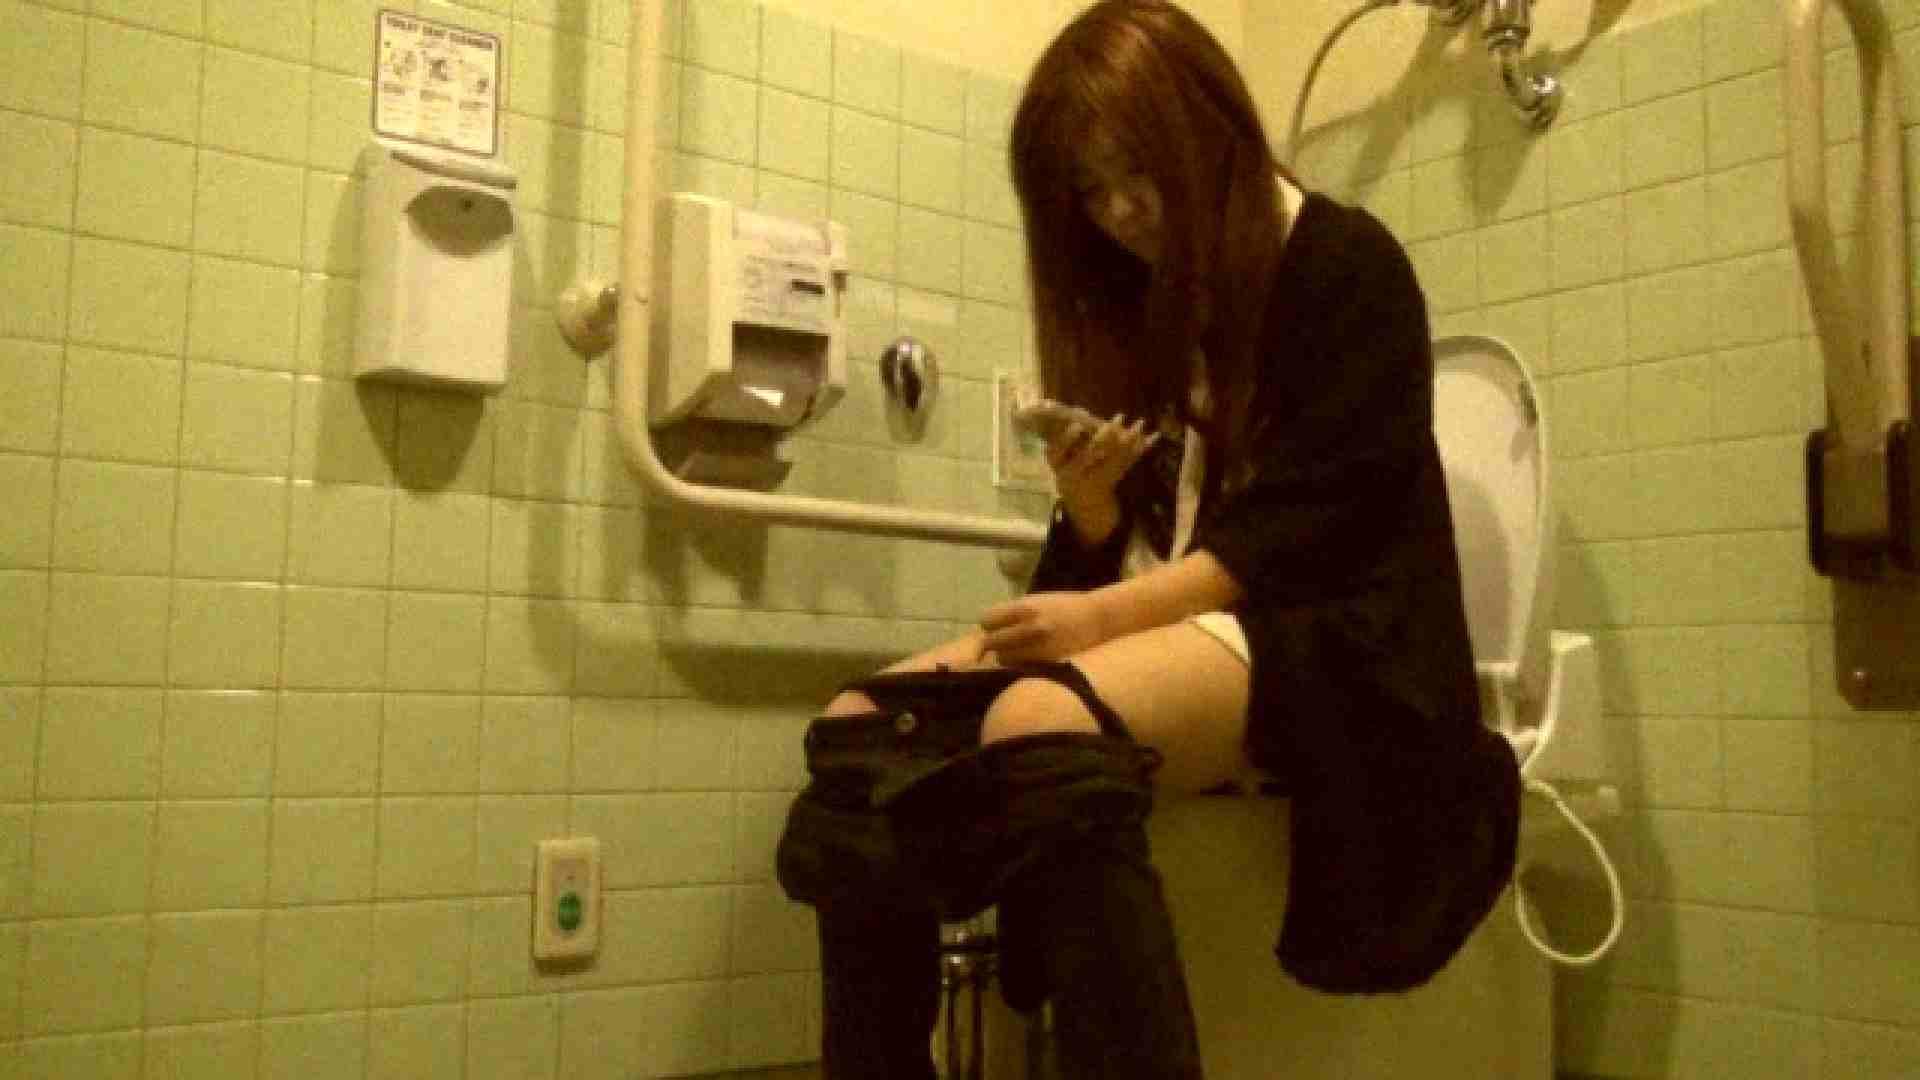 魔術師の お・も・て・な・し vol.26 19歳のバーの店員さんの洗面所をしばし… OLの実態   イタズラ  90pic 64